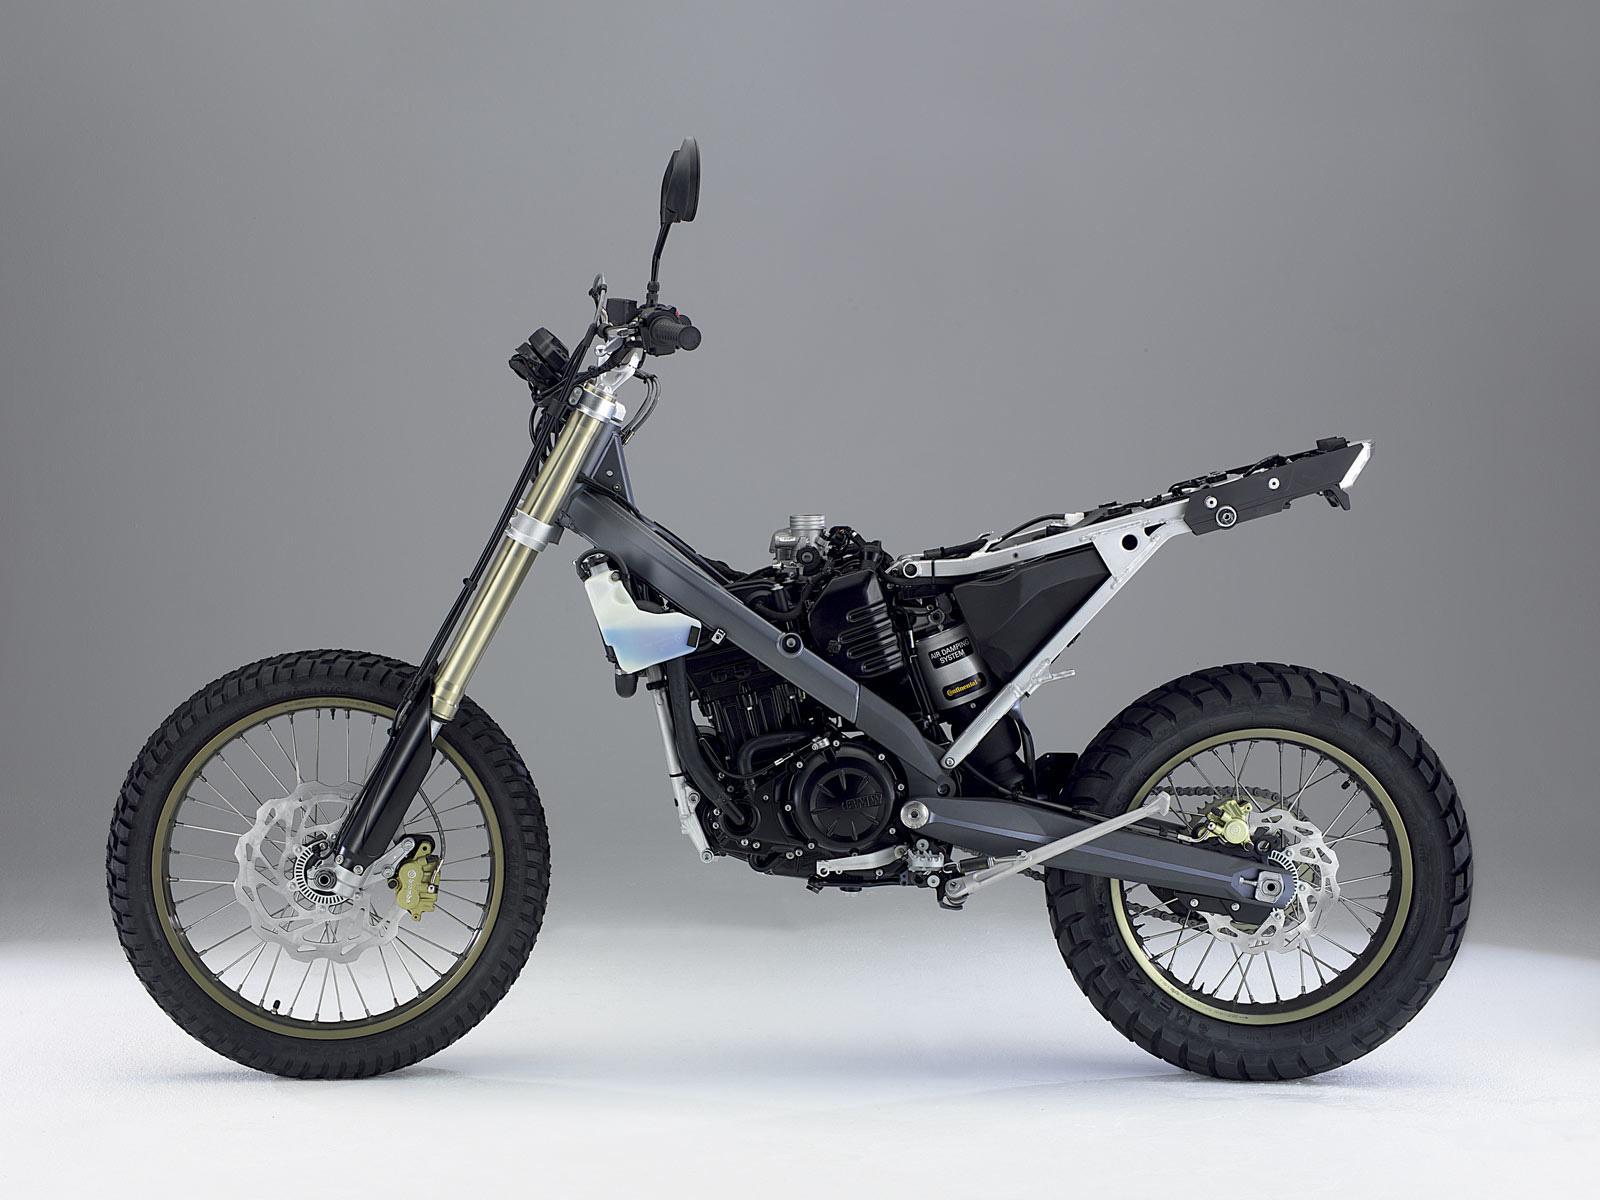 2007 Bmw G650x Challenge Motorcycle Desktop Wallpaper